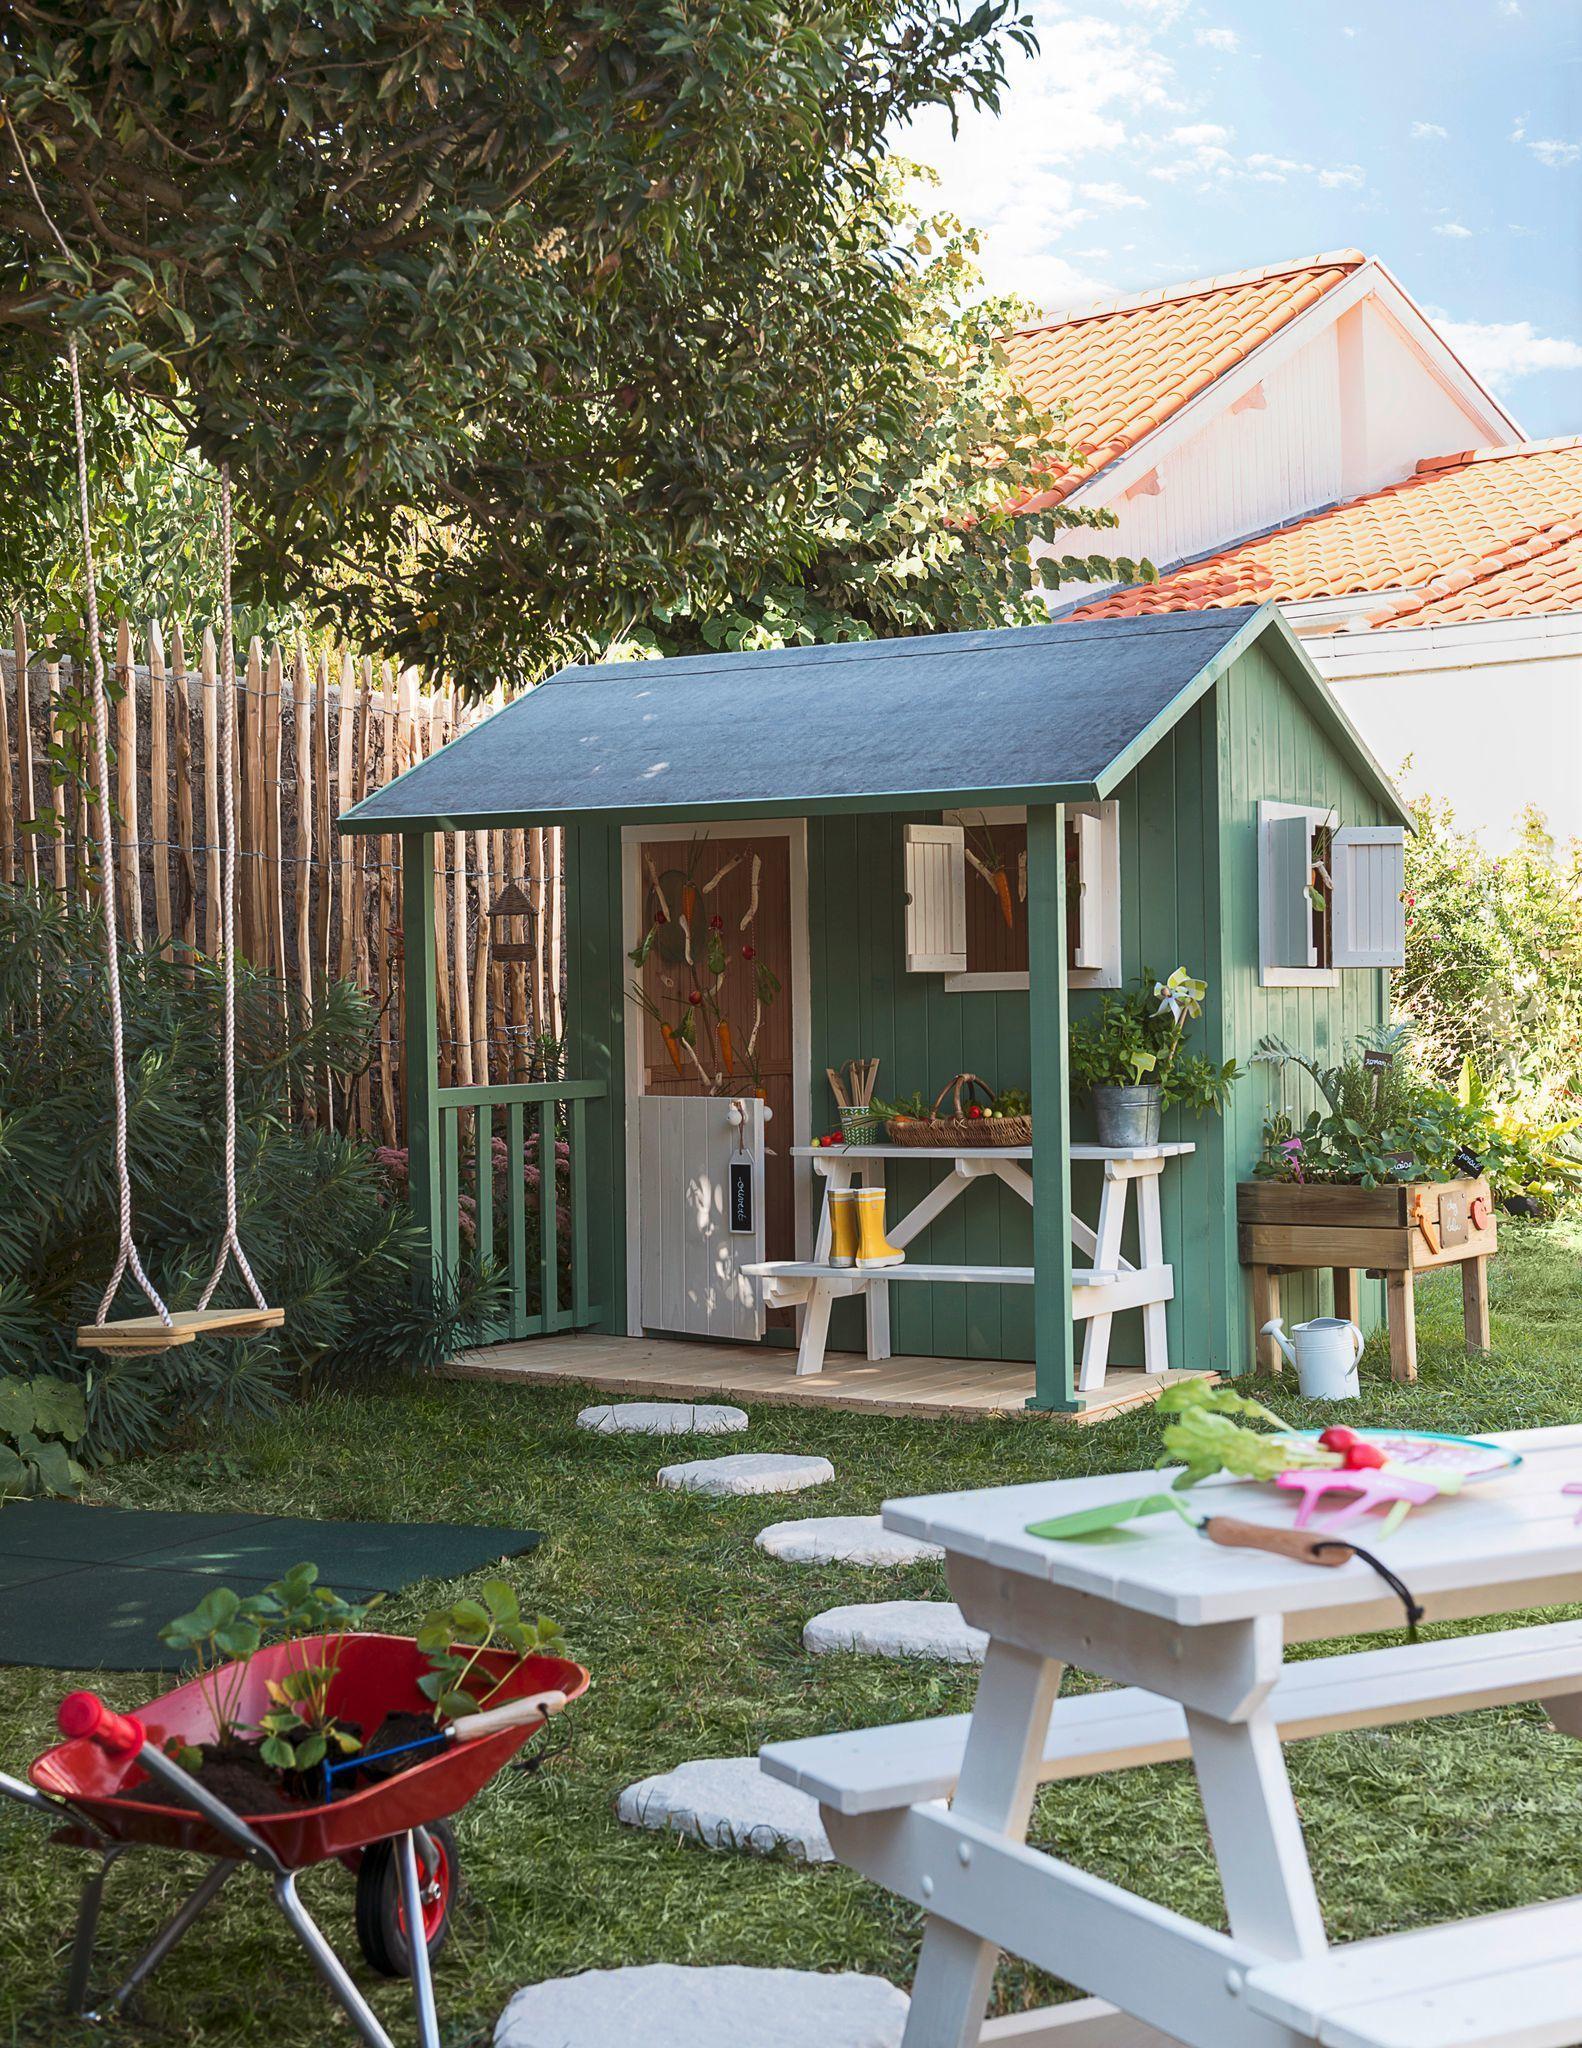 Cabane Enfant : Modèles Pour Le Jardin | Jardin ... destiné Maison Jardin Bois Enfant